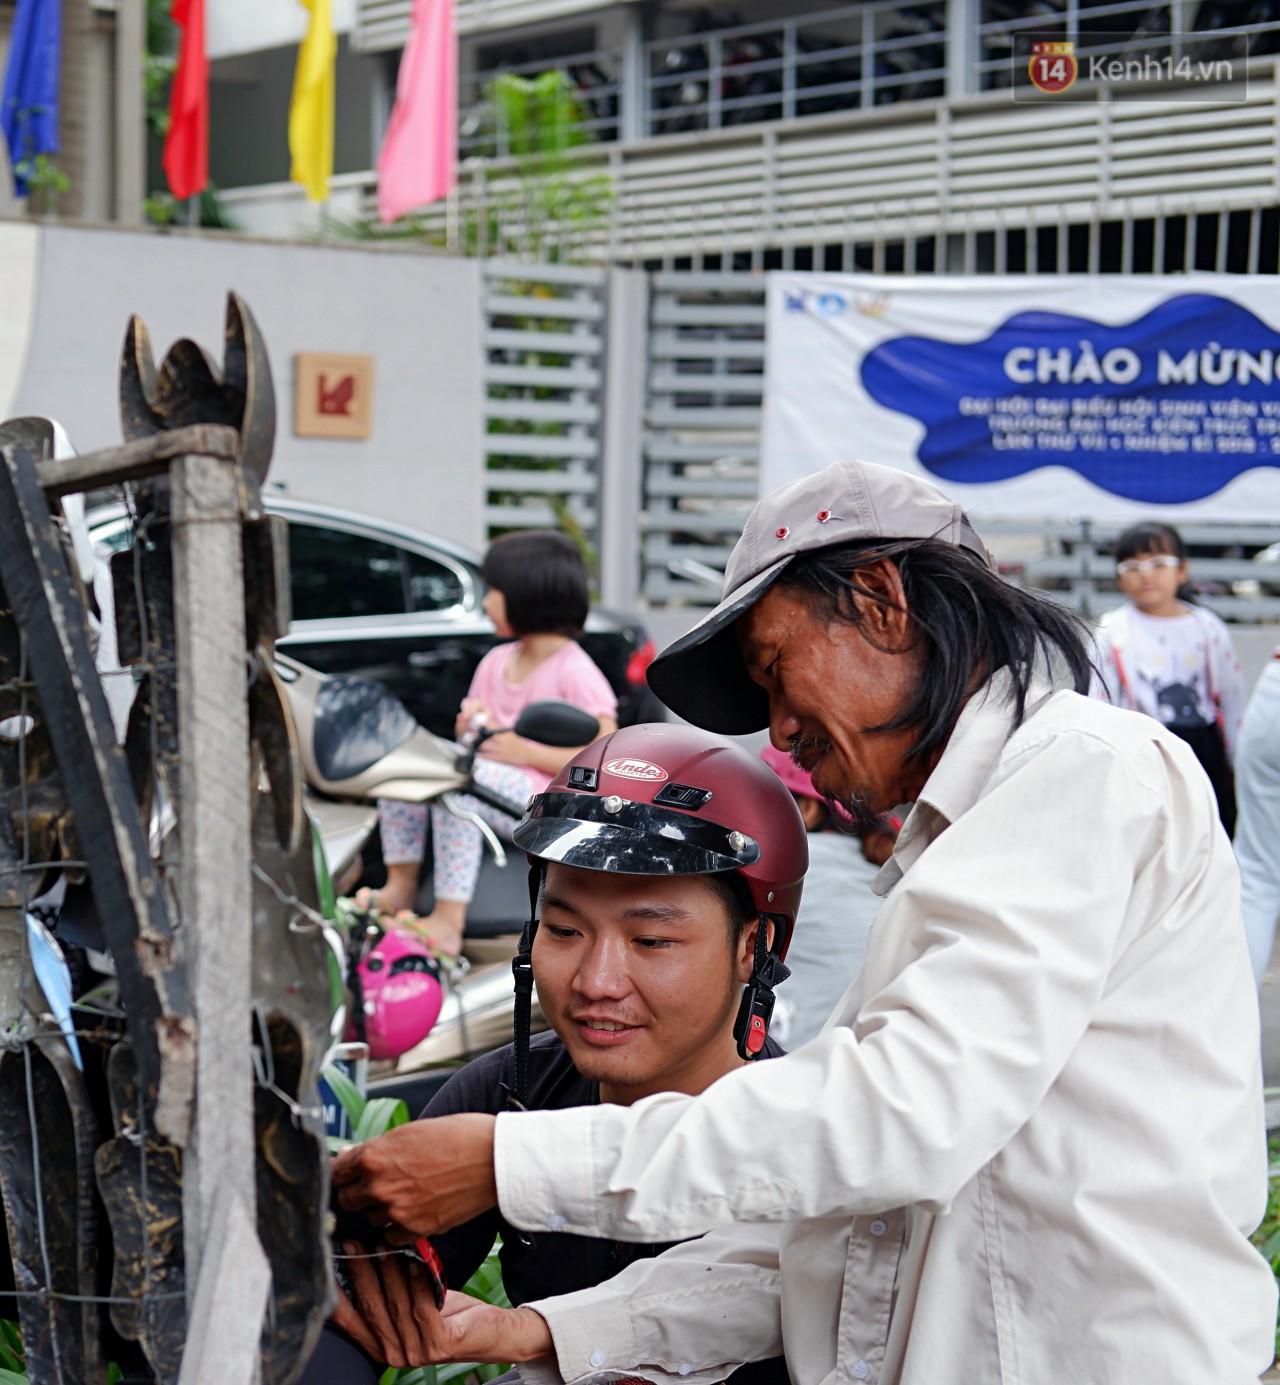 30 năm rong ruổi đường phố Sài Gòn của 'chú Bảy mặt nạ': Từng đạp xe suốt nhiều ngày không bán nổi 1 chiếc! 5